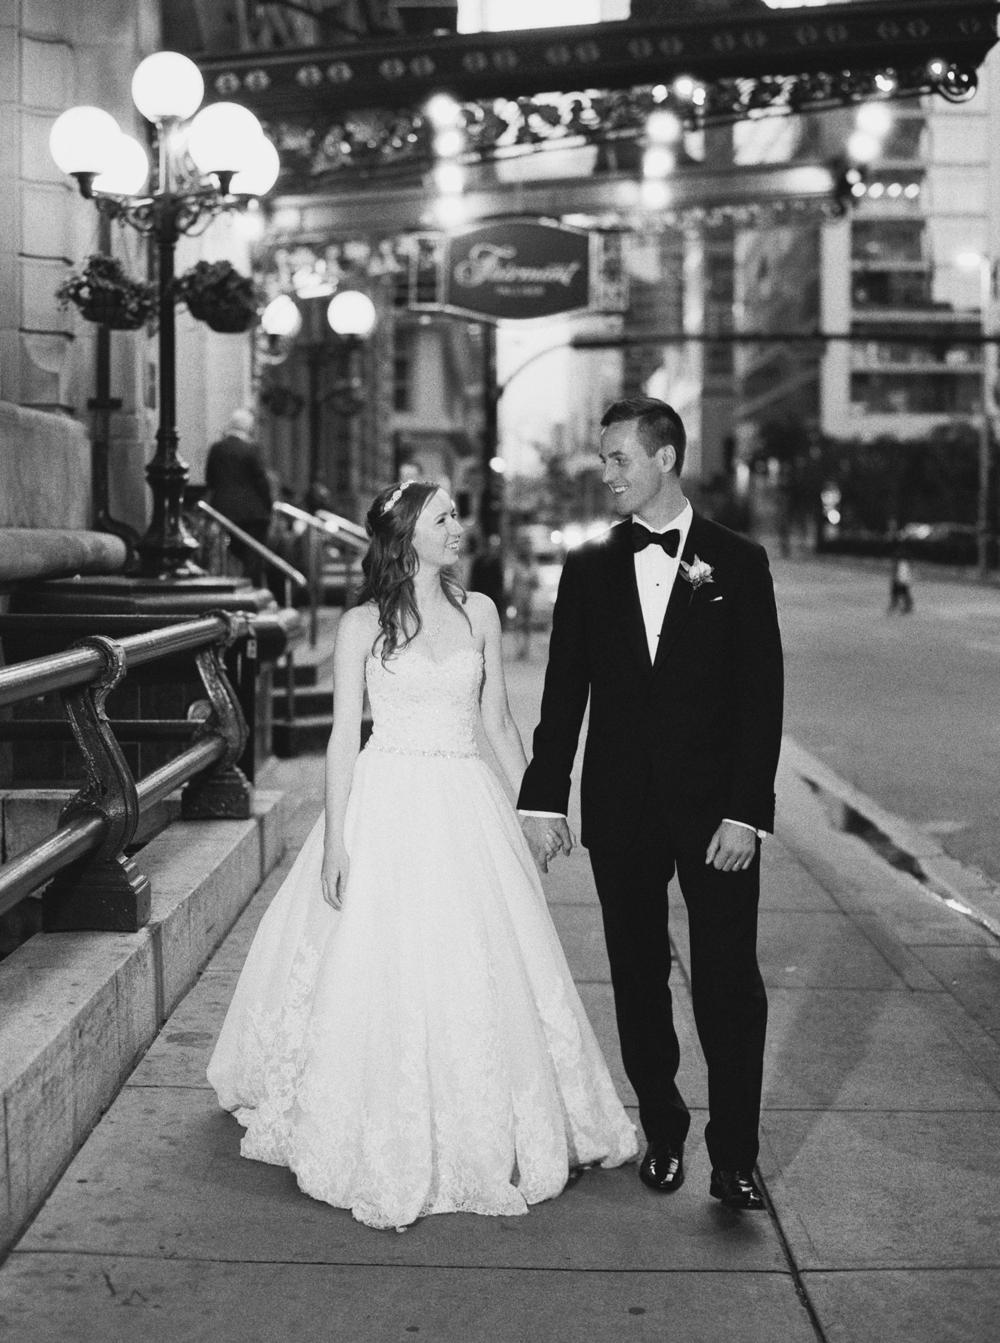 Calgary Wedding Photographer | Canmore Wedding Photographers | Banff Wedding Photography | Fairmont Palliser | Calgary Church | Blue bridesmaids